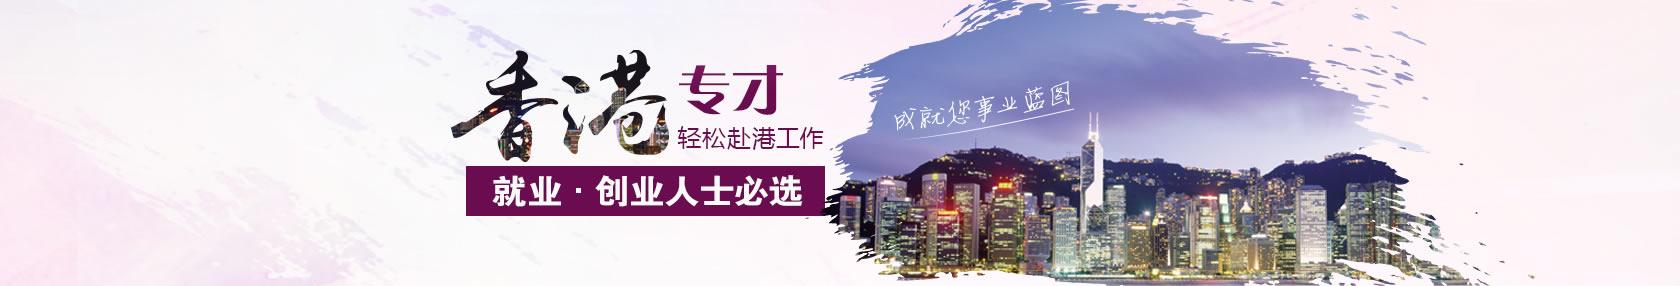 【香港专才】轻松赴港工作,就业?创业人士定居香港必选方式